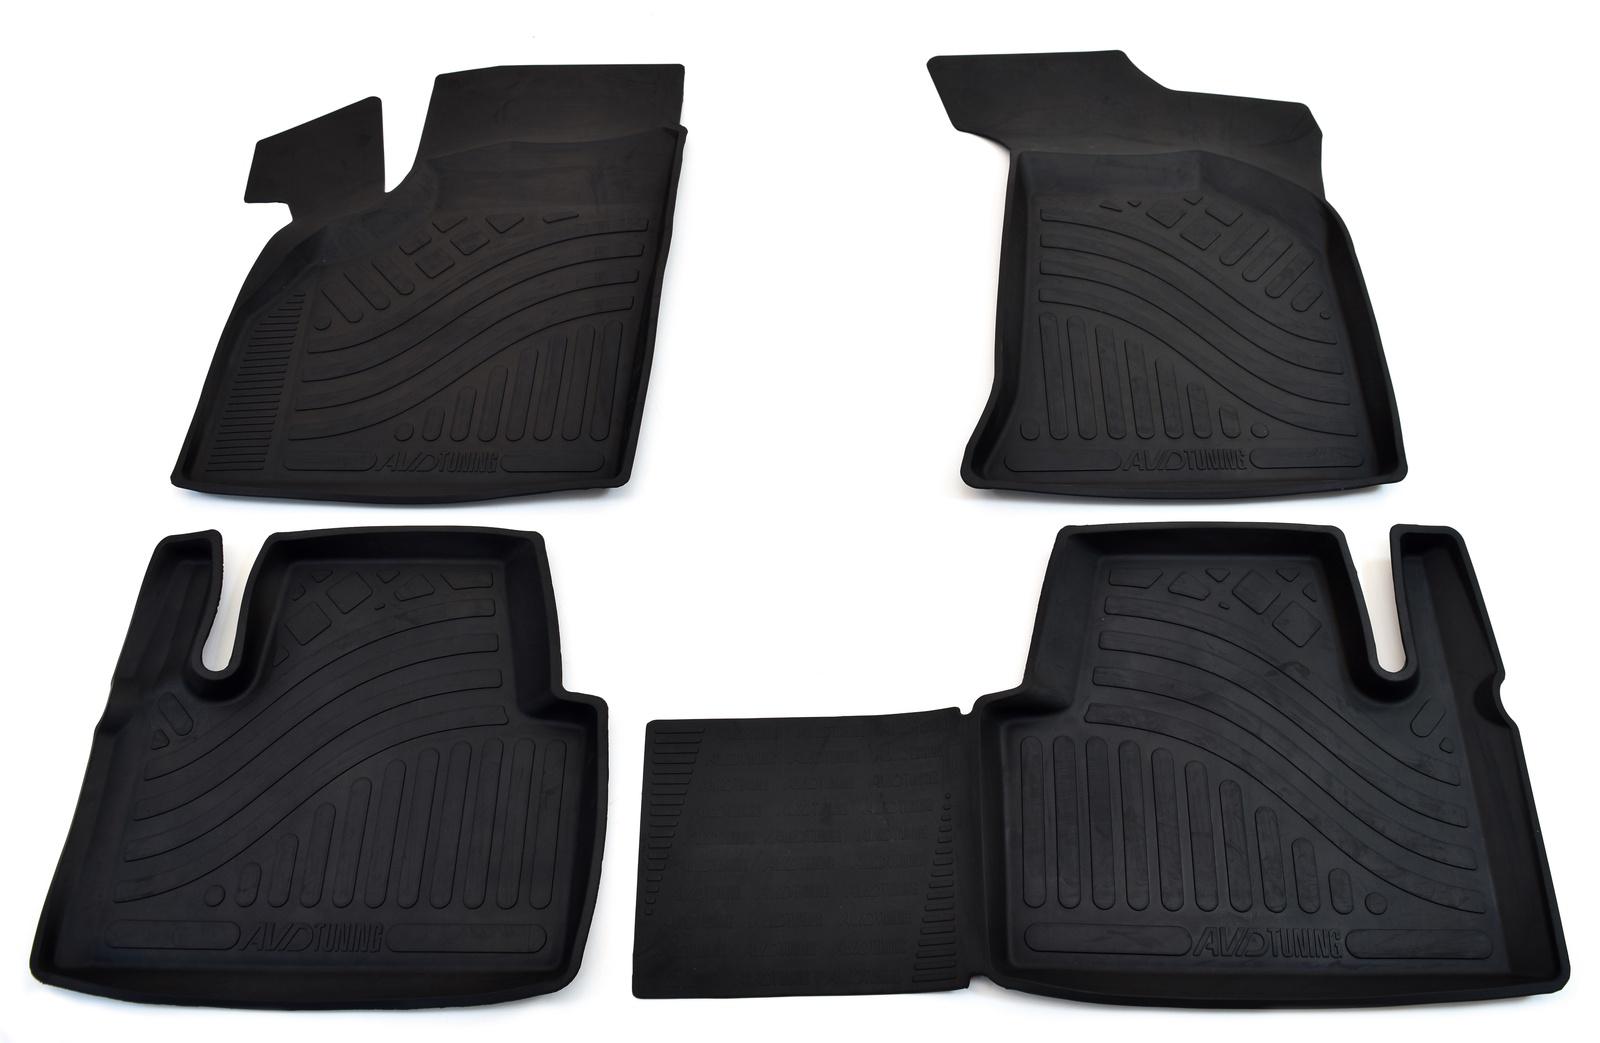 Коврик багажника для renault logan (l52) (2014-) (полимер) npa00-e69-350npa00-e69-350npa00-e69-350 norplast, Полимер, вес 1.46 кг Коврик багажника для renault logan (l52) (2014-) (полимер)